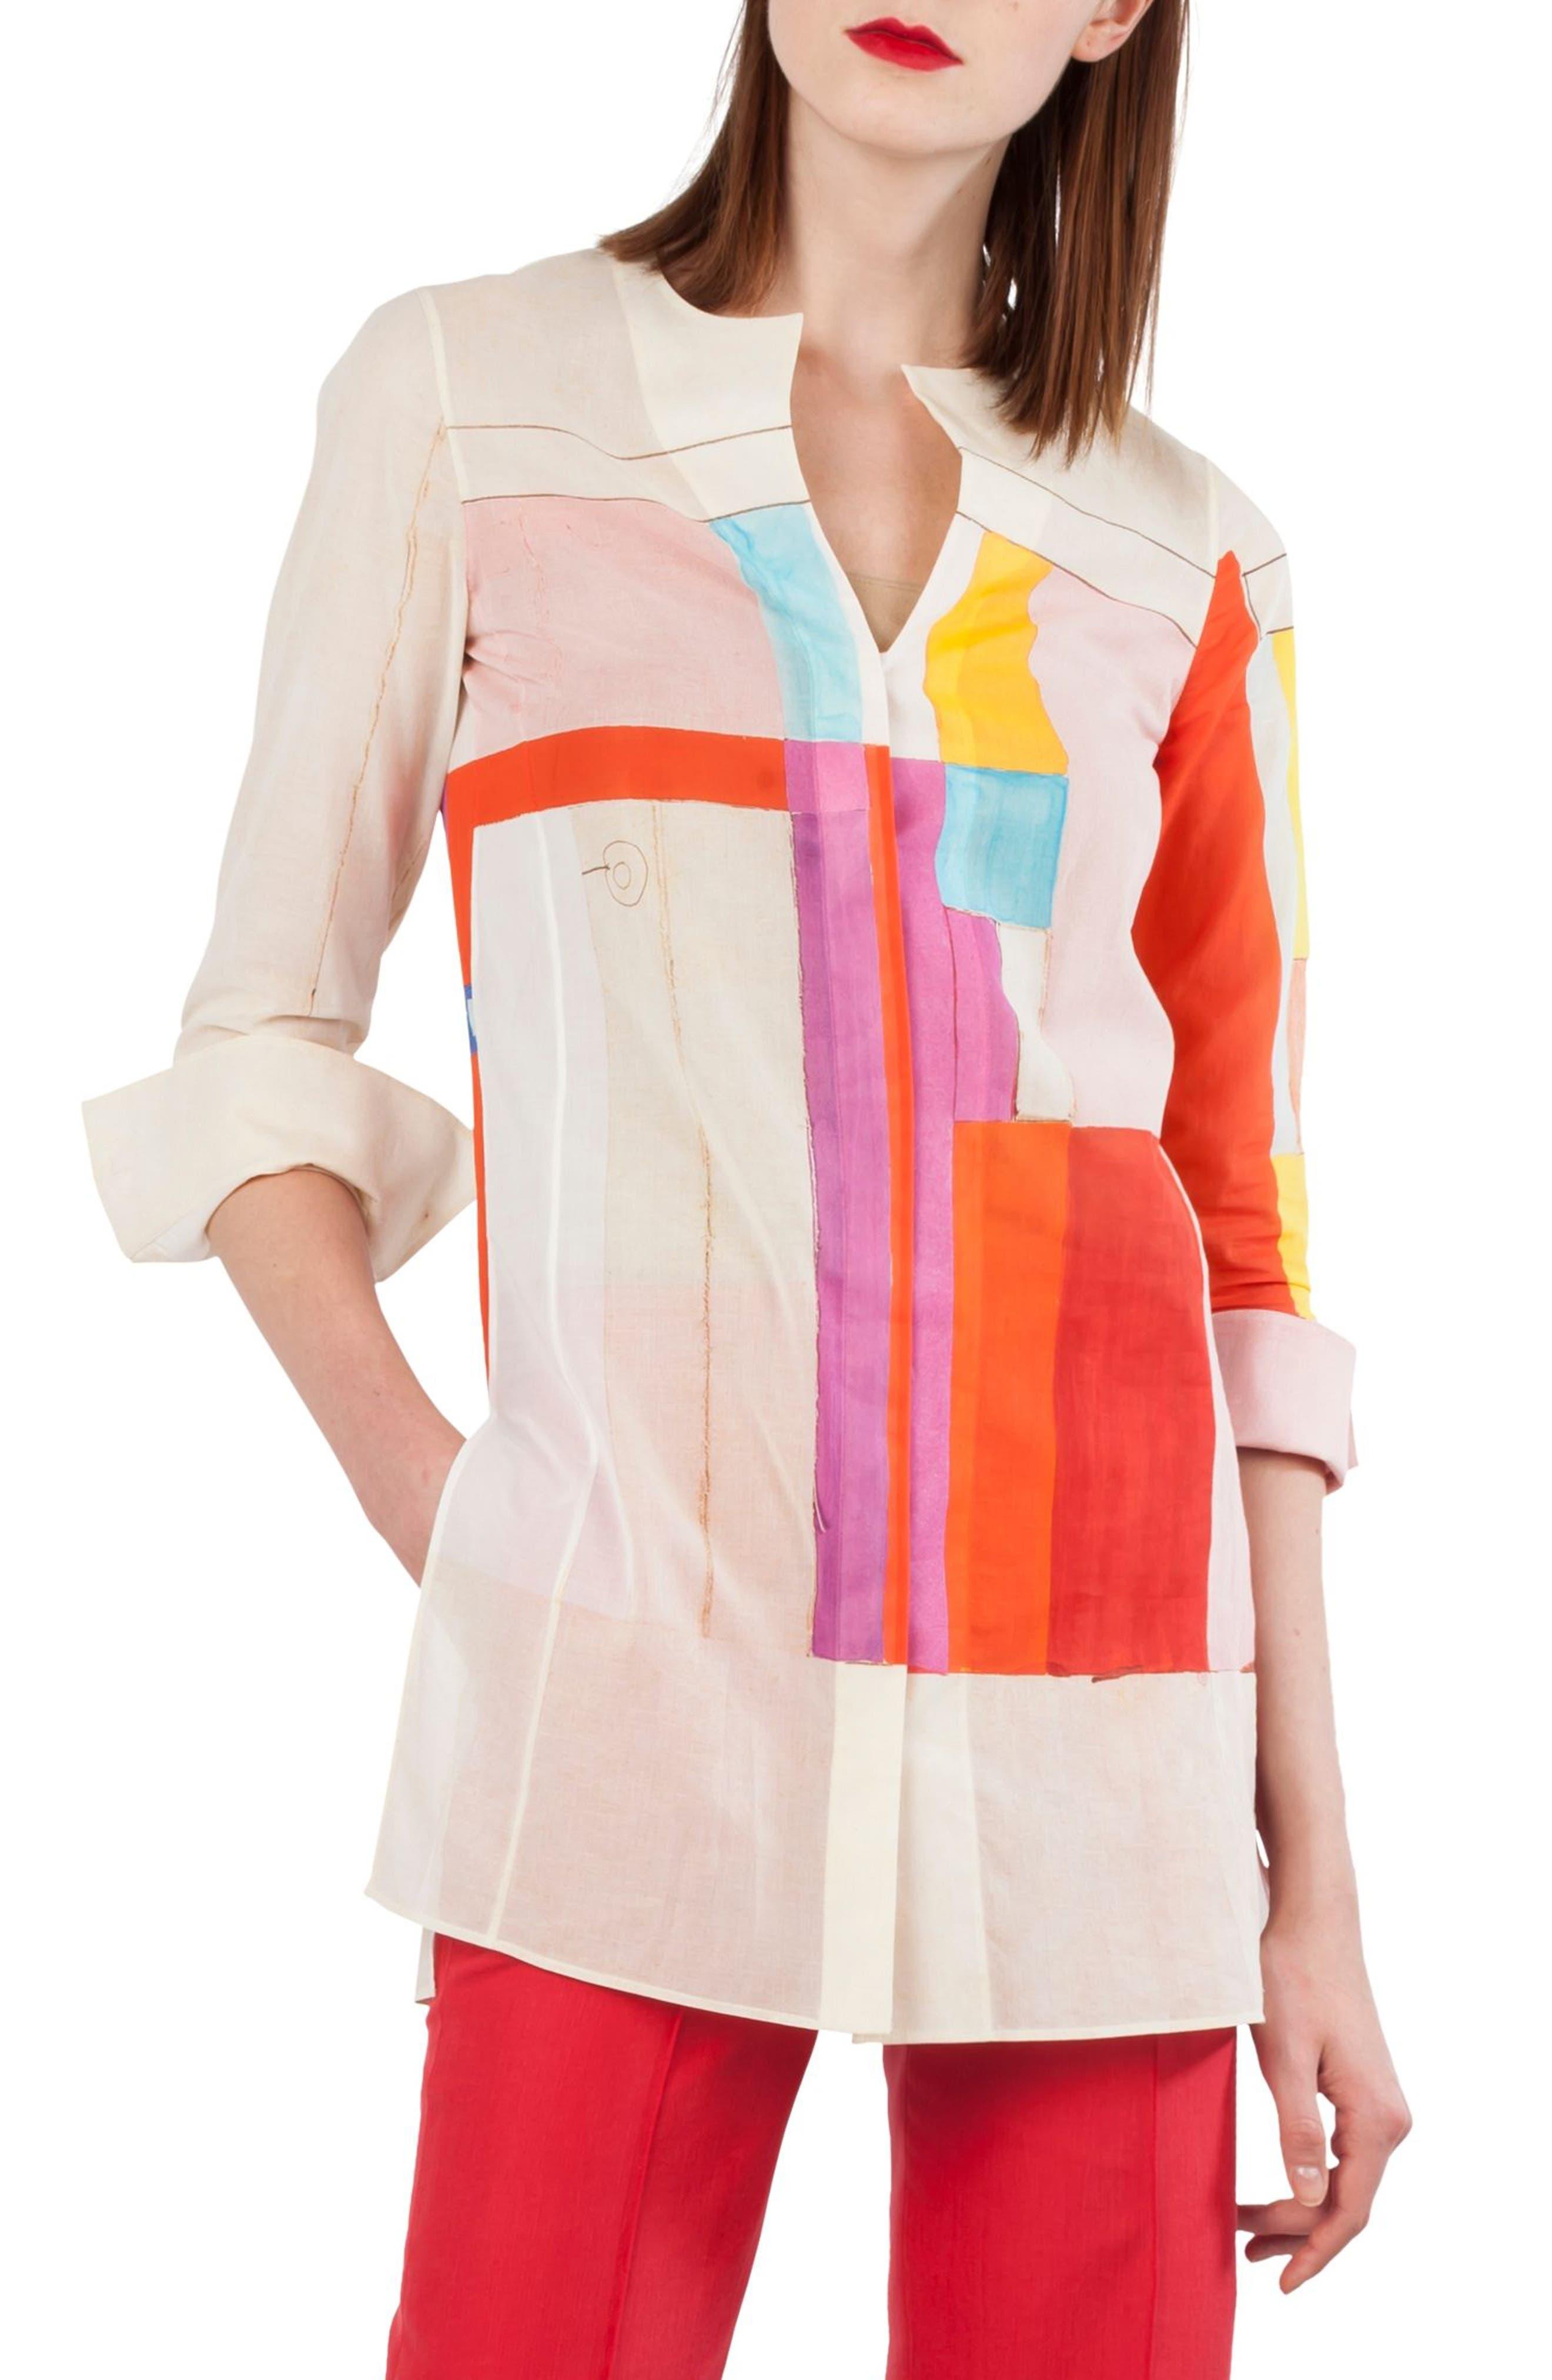 Mural Cotton Voile Tunic,                             Main thumbnail 1, color,                             Multicolor